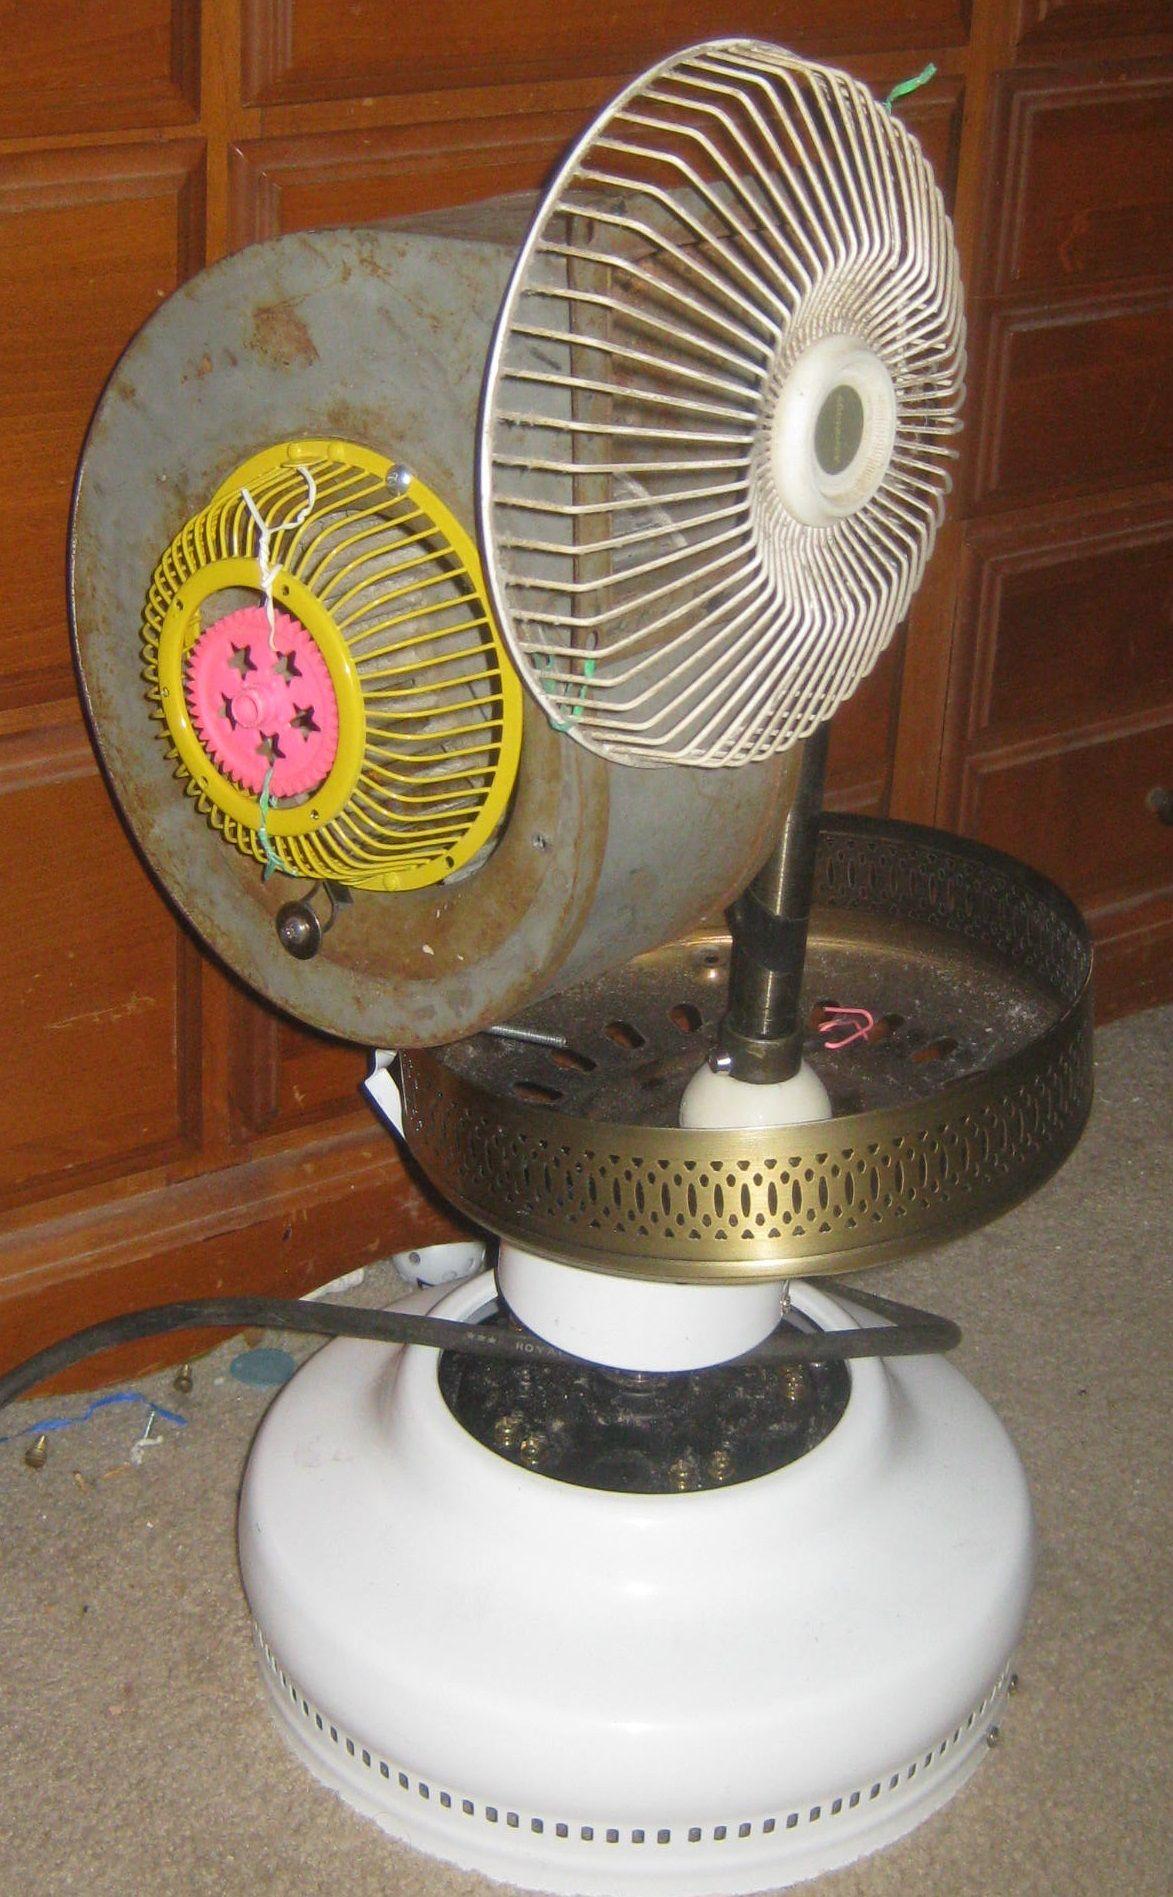 Broken Ceiling Fan Motor Random Various Fan Parts And A Blower Fan Ceiling Fan Motor Blower Fans Exhaust Fan